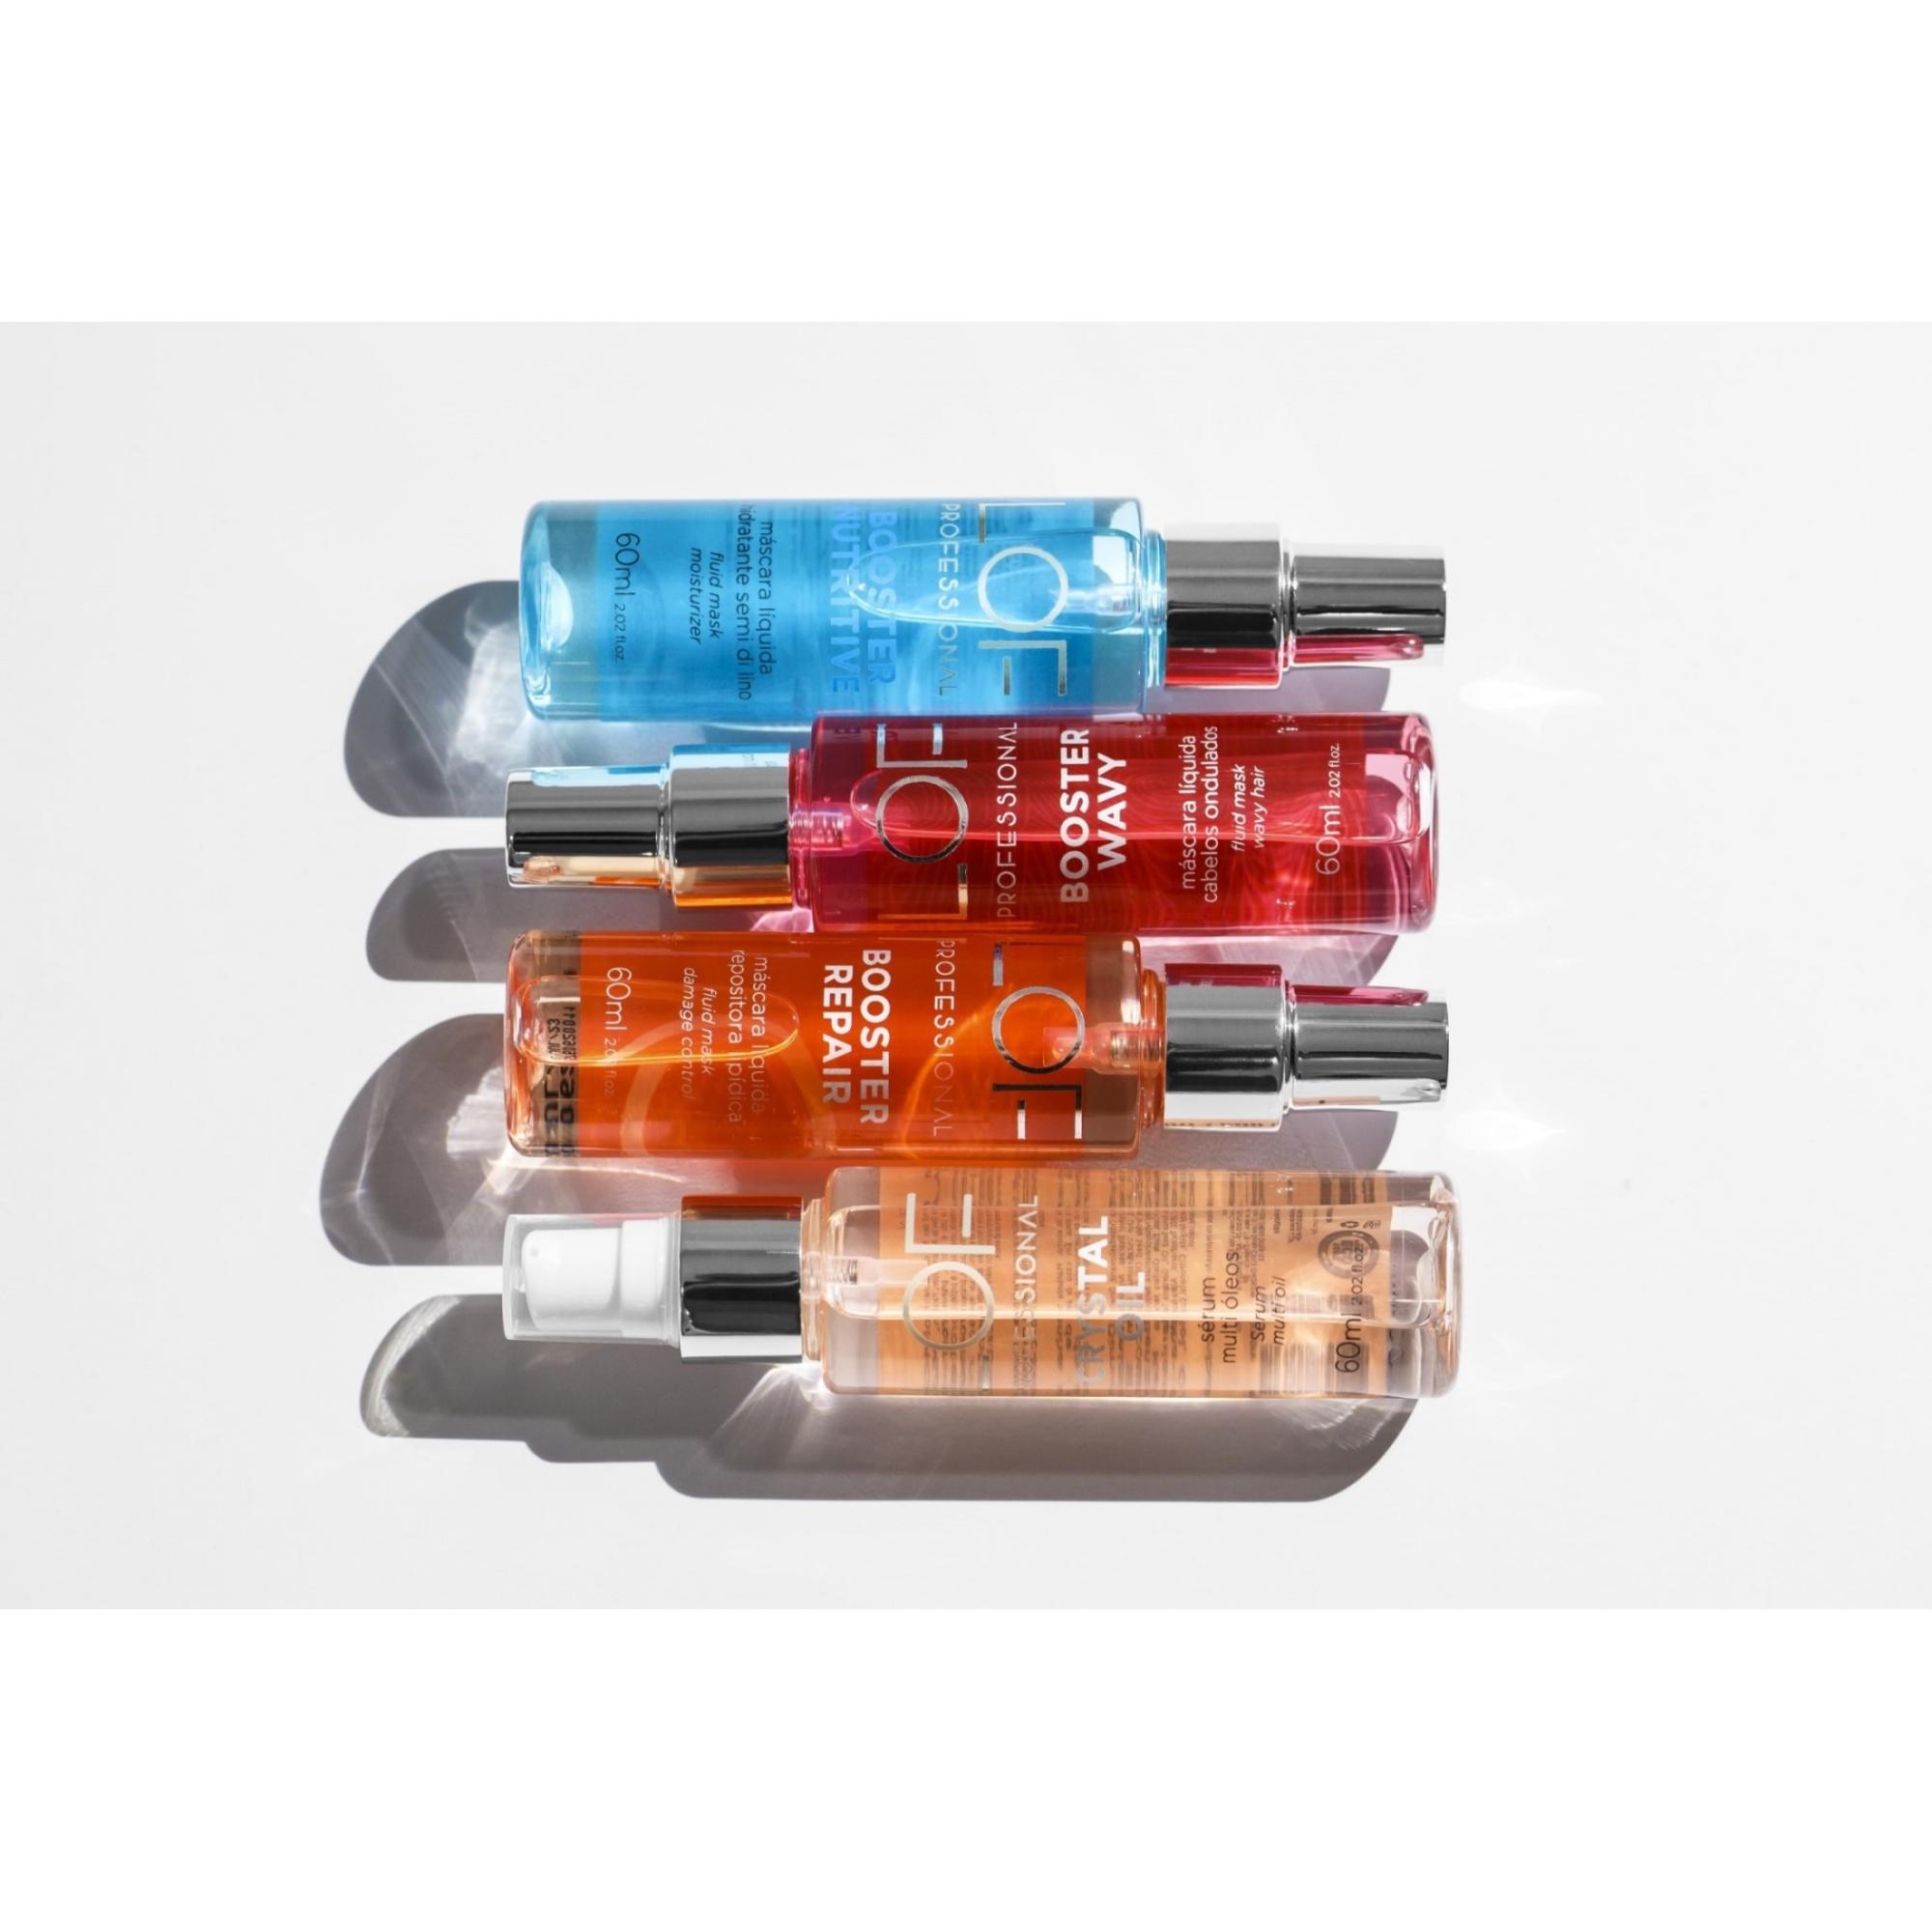 Kit Hidratação e Nutrição dos Cabelos - Booster Nutritive 60mL + Leave-in Multi Uso Proteção Térmica Hit 10x1 200mL